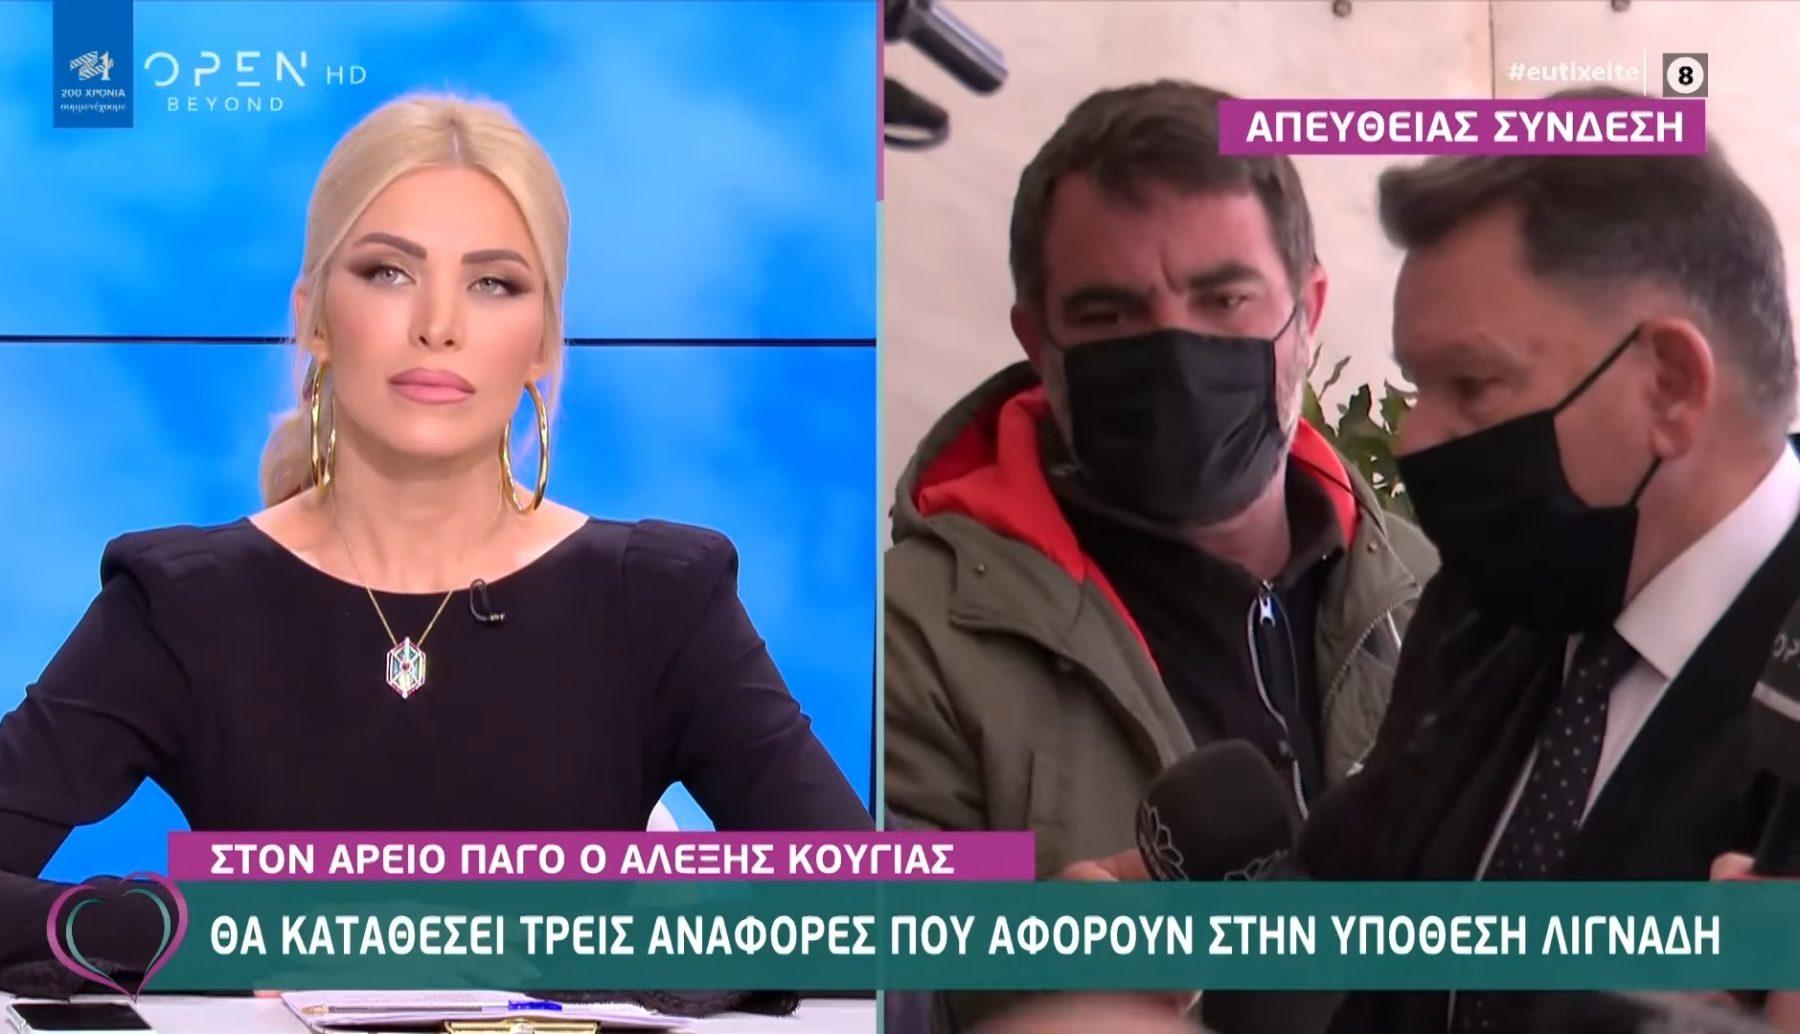 """Τελευταία εξέλιξη: Και νέα επίθεση Αλέξη Κούγια στο Γιώργο Καπουτζίδη και σε δικαστές """" Ποιος είναι ο Καπουτζίδης για να ασχοληθώ σοβαρά μαζί του;"""""""